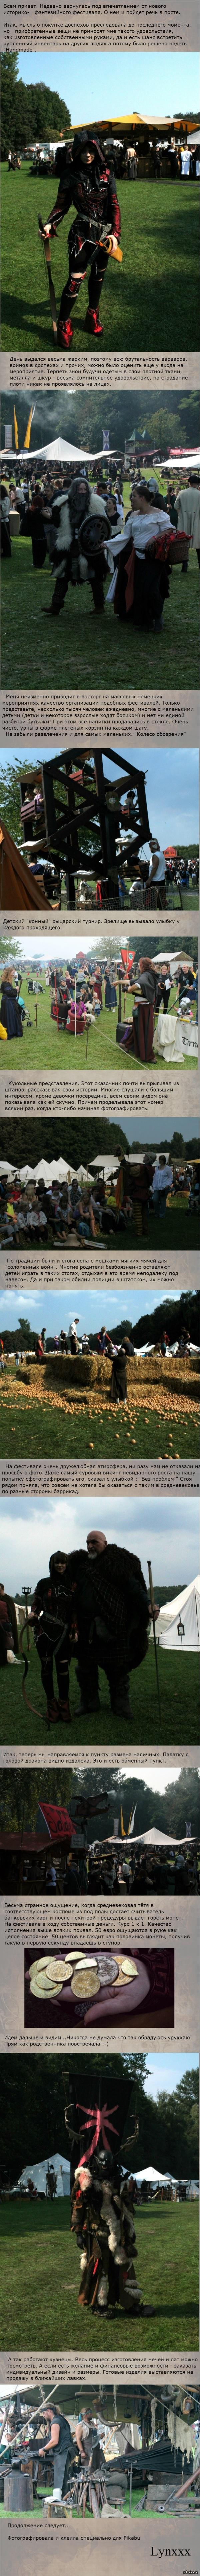 Историко - фэнтезийный фестиваль в Гамбурге (фотоотчет) В этом году прошел самый масштабный фестиваль. Мои впечатления.